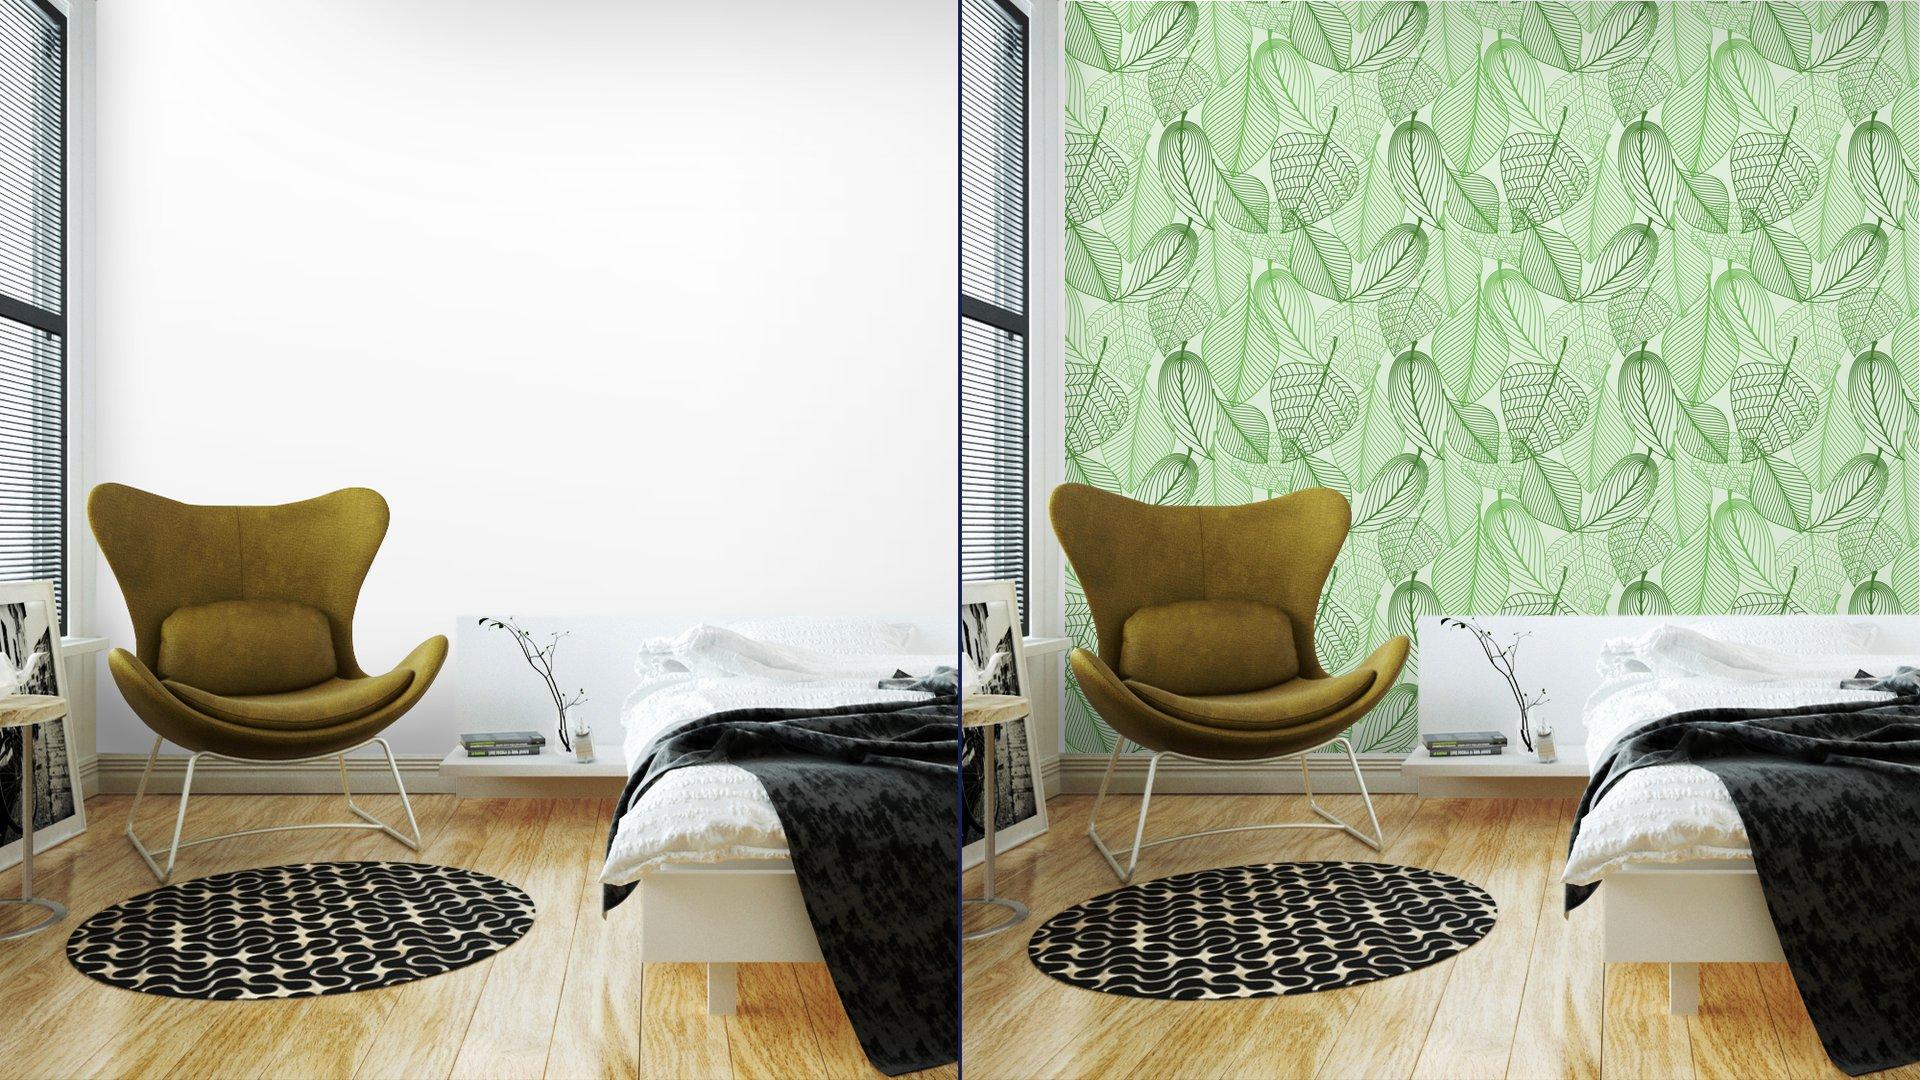 Fotomurales mexico papeles pintados lavables el verde deja el fondo sin patron 2 - Papel Tapiz Patrón Hojas Verdes en Fondo Blanco 02